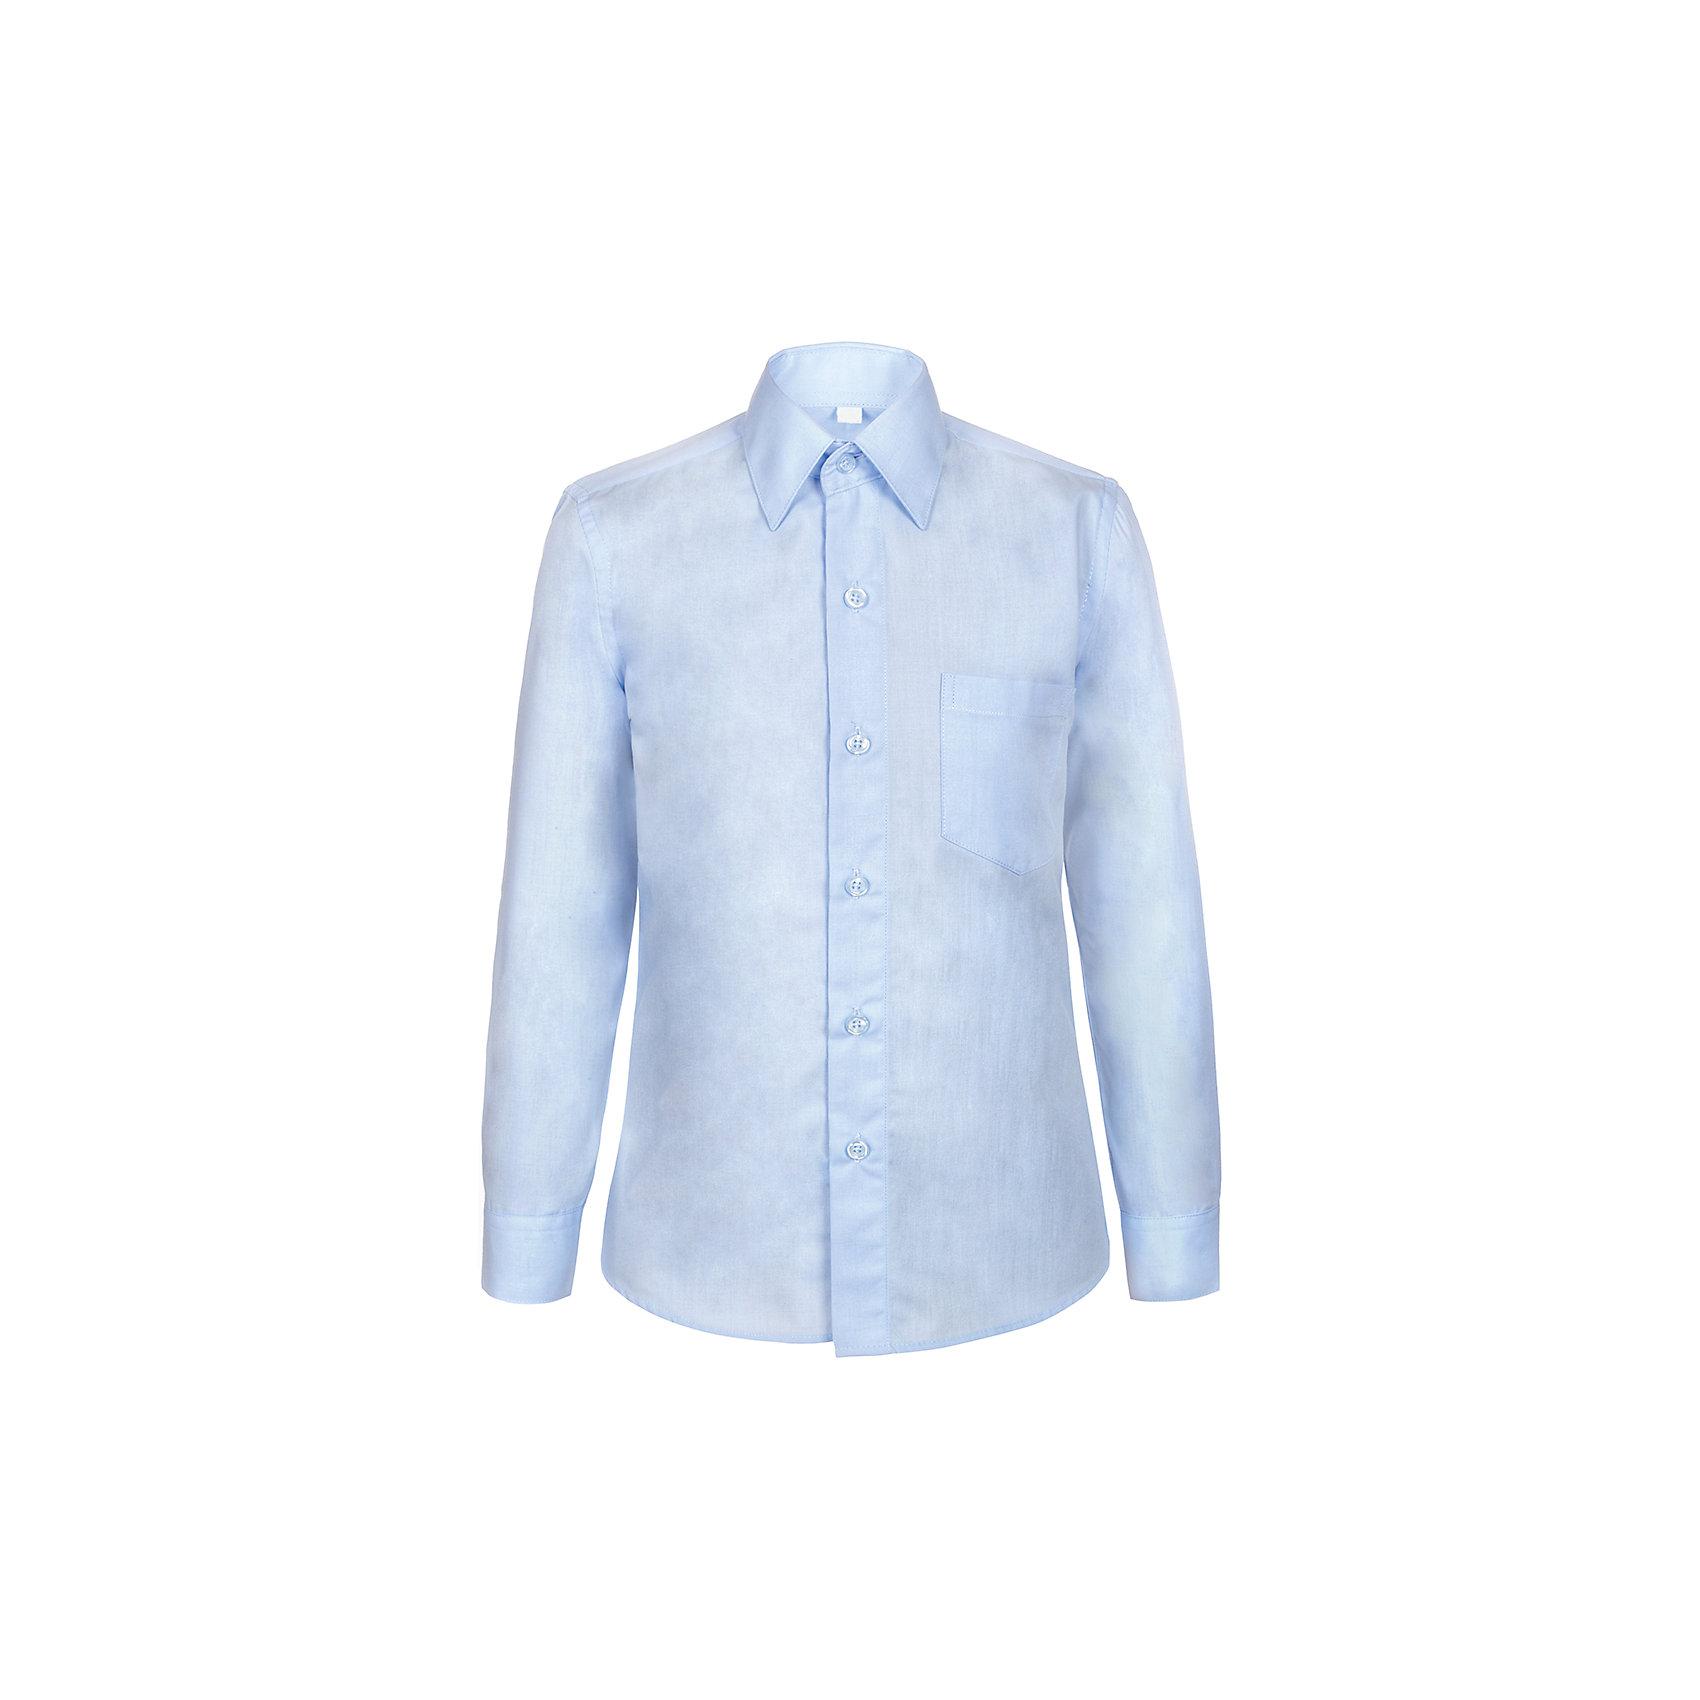 Рубашка Nota Bene для мальчикаБлузки и рубашки<br>Рубашка для мальчика текстильная,приталенная.Длинный рукав,с карманом.<br>Соответствует размеру.<br>Состав:<br>80% хлопок; 20% полиэстер<br><br>Ширина мм: 174<br>Глубина мм: 10<br>Высота мм: 169<br>Вес г: 157<br>Цвет: голубой<br>Возраст от месяцев: 108<br>Возраст до месяцев: 120<br>Пол: Мужской<br>Возраст: Детский<br>Размер: 140,122,128,134<br>SKU: 7012274